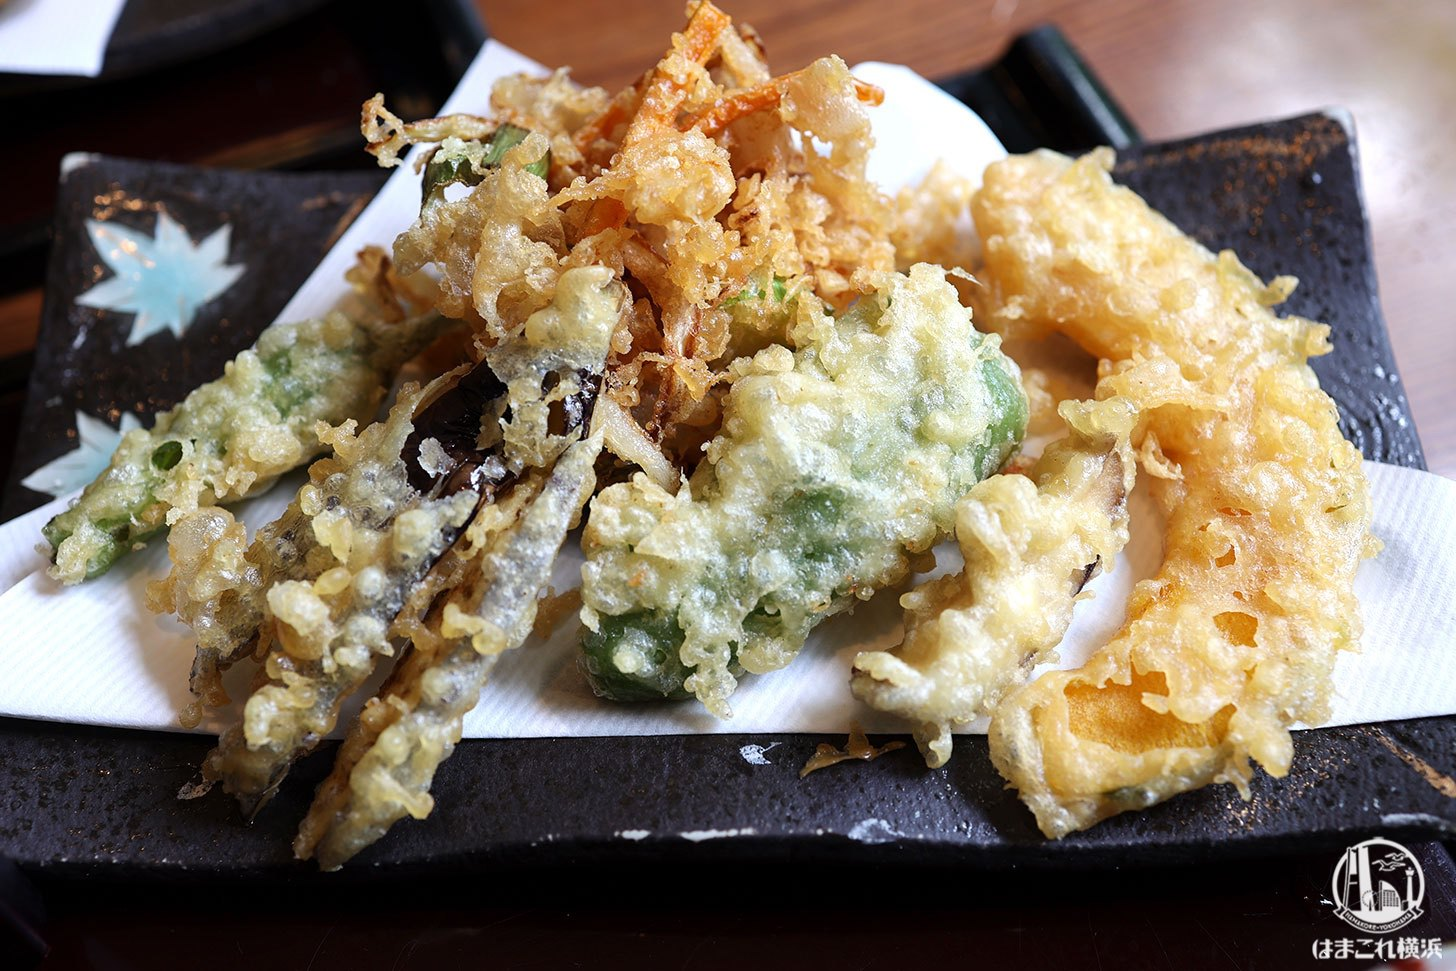 野菜天ざるランチ 野菜天ぷら